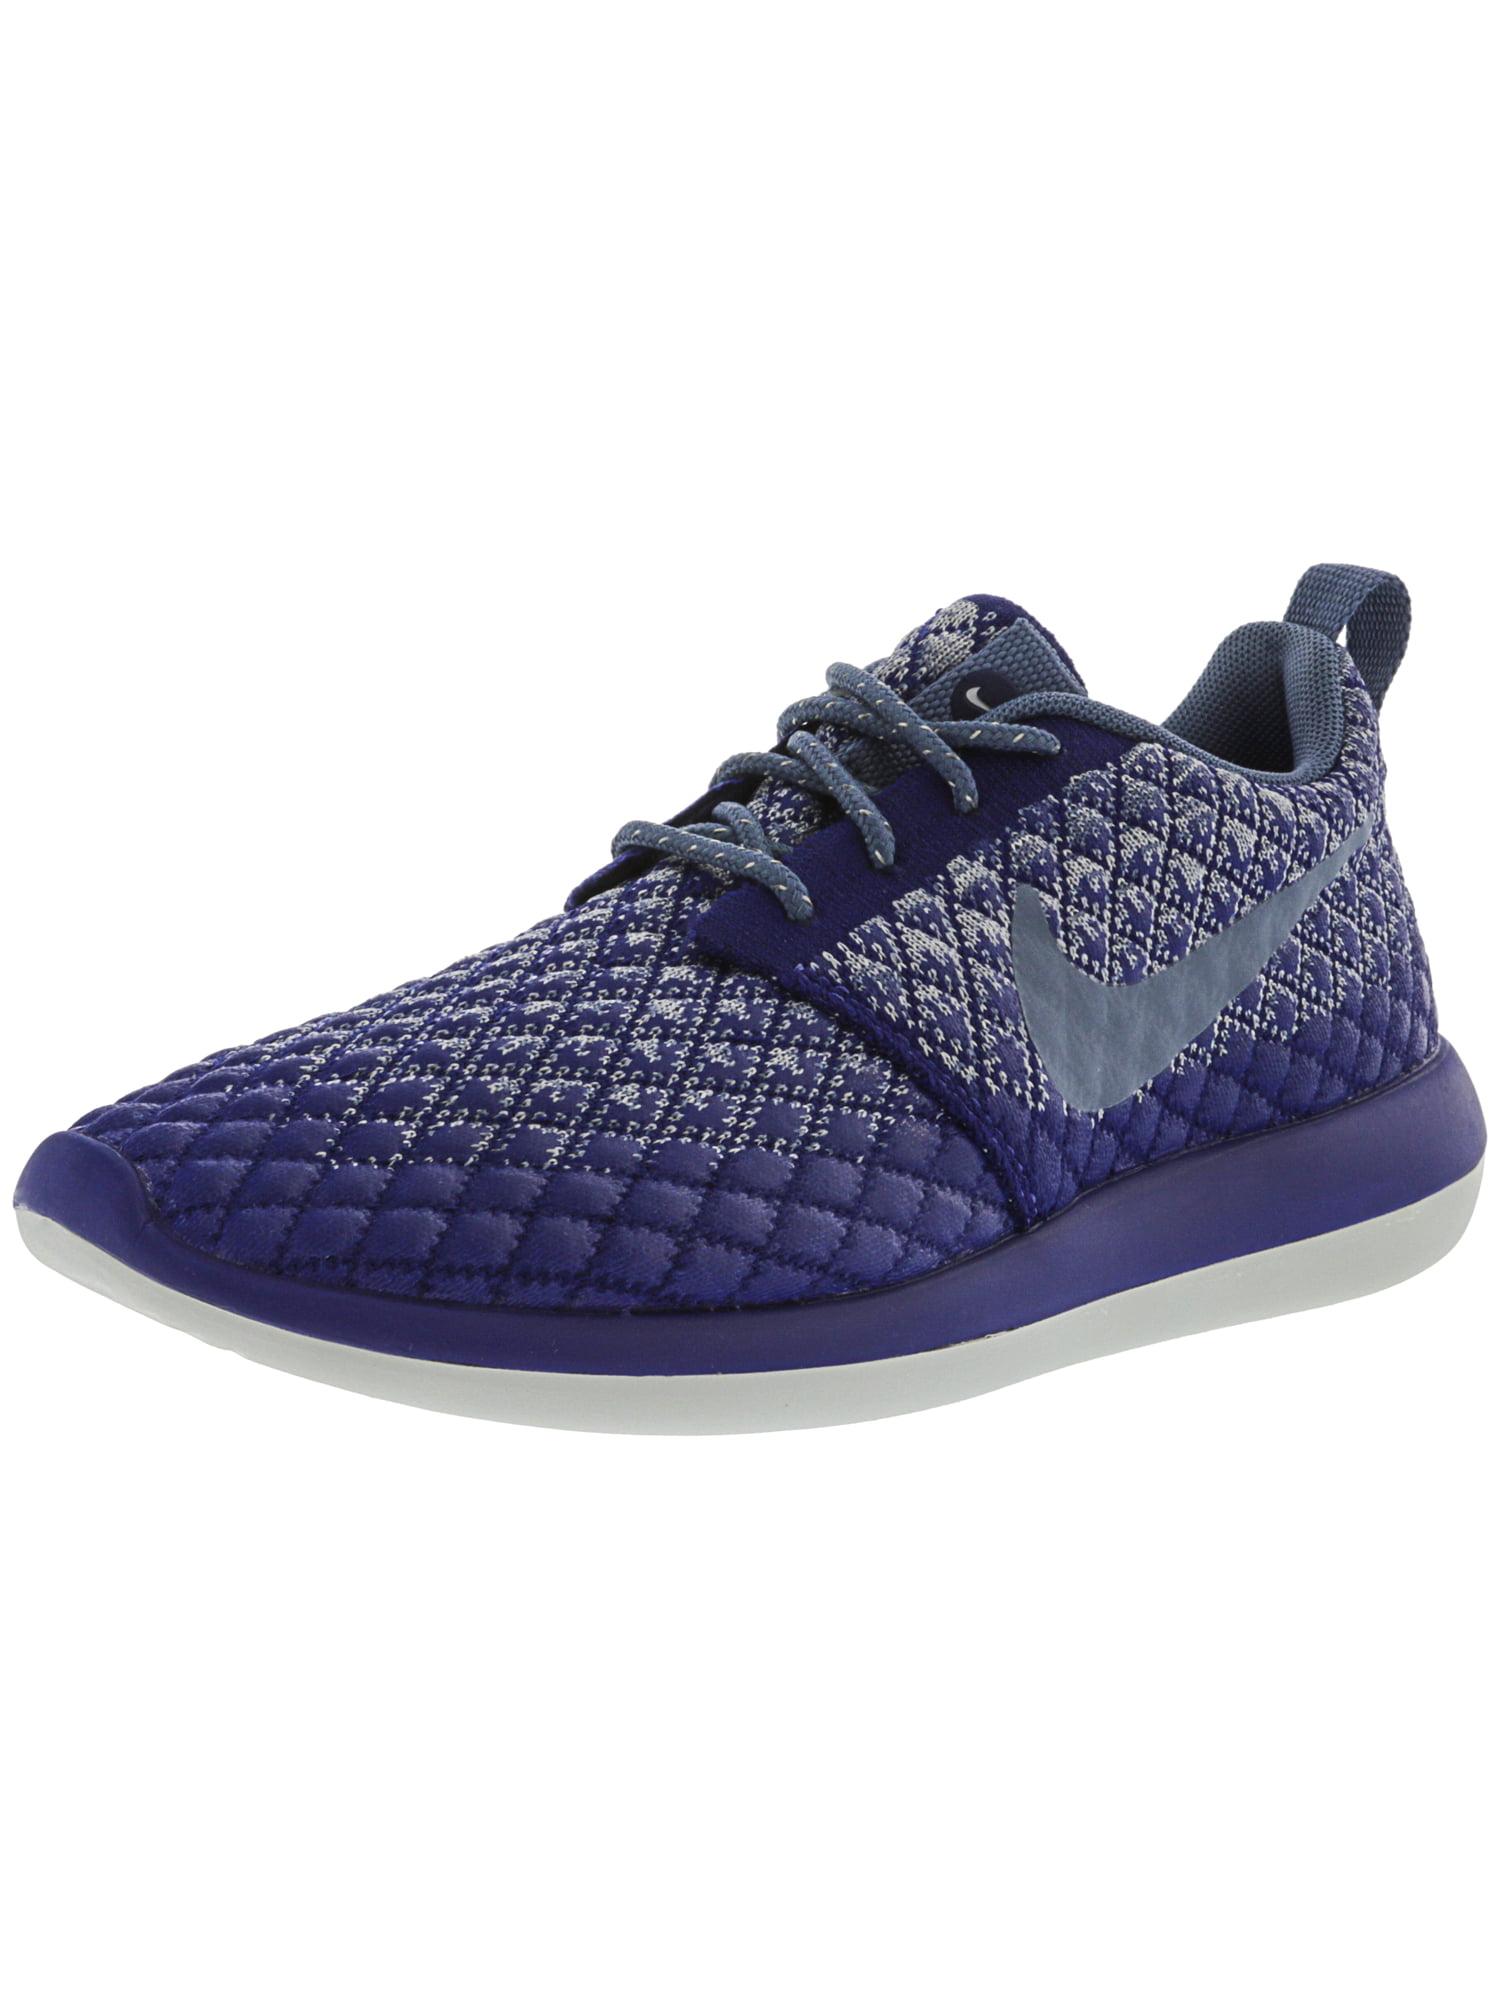 Nike Men/'s Roshe Two Flyknit 365 Ankle-High Fabric Running Shoe